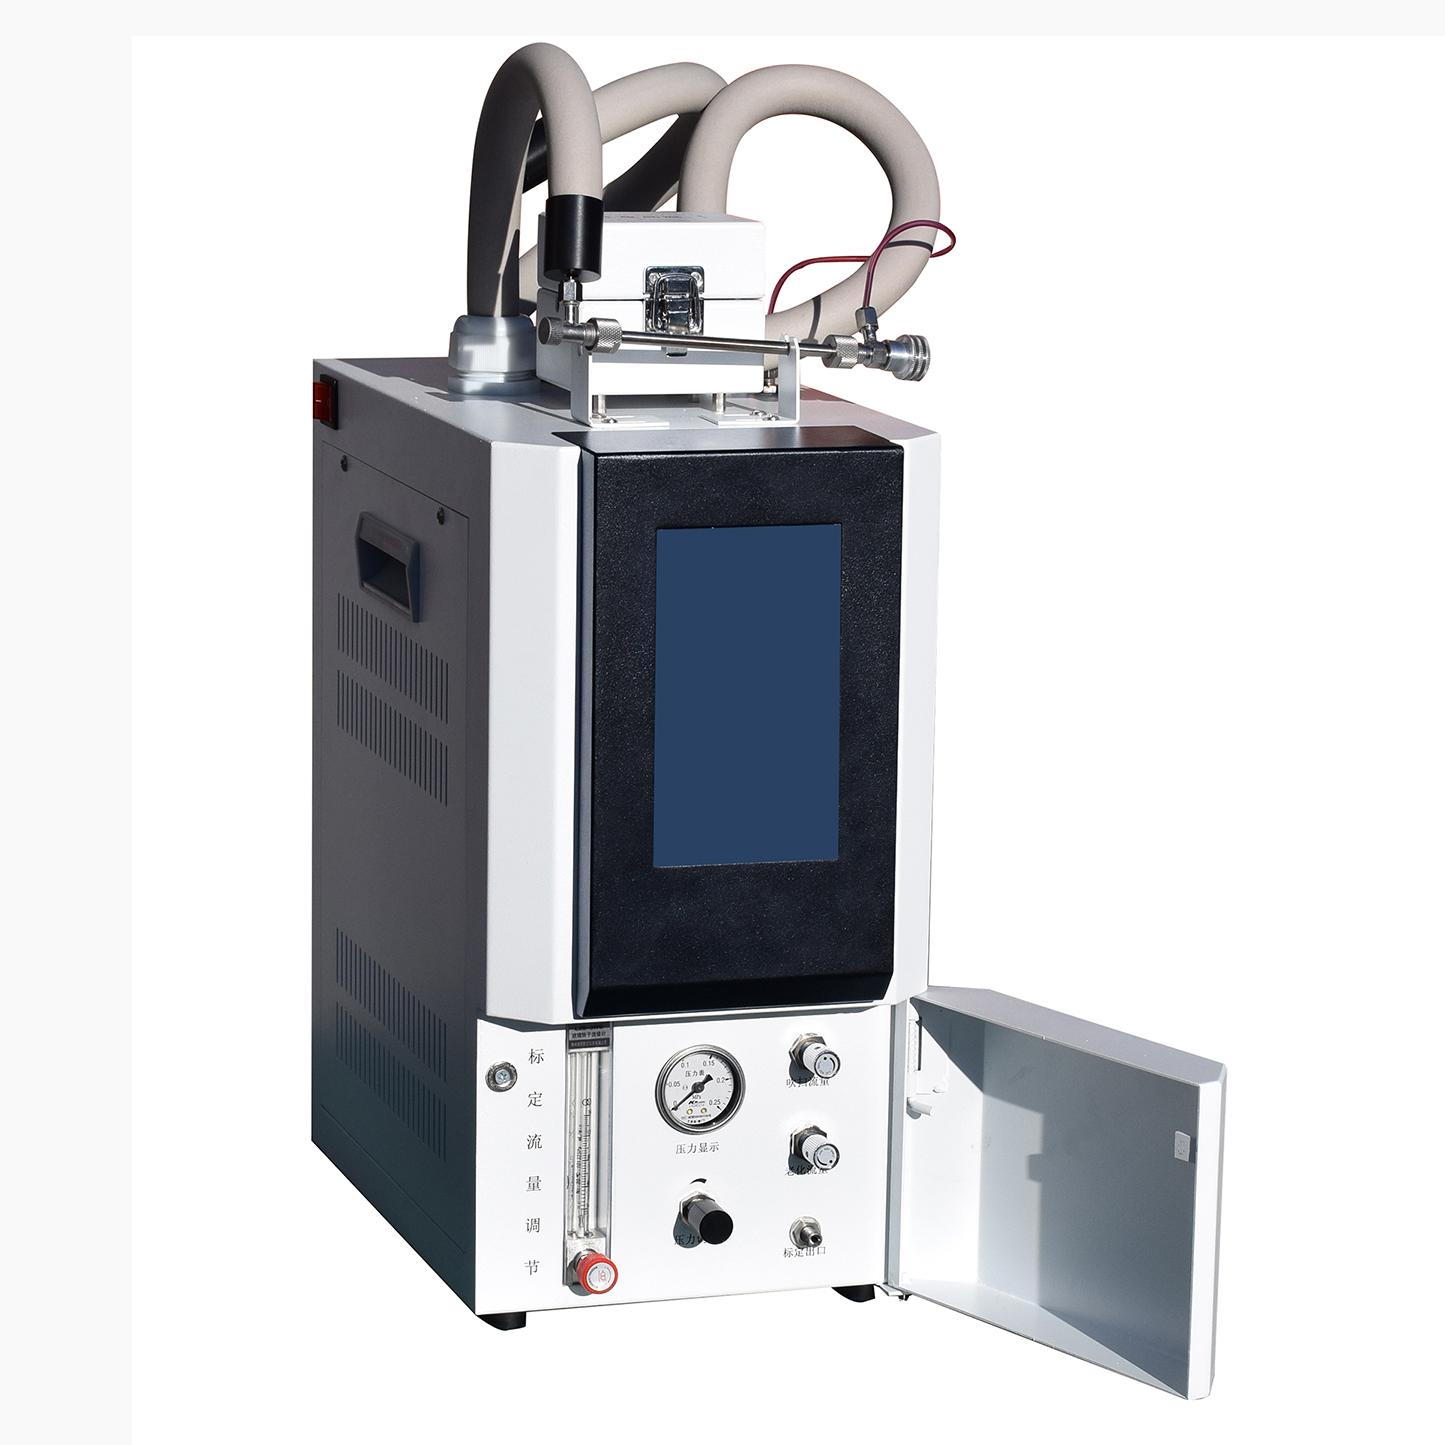 二次热解析仪主要功能和特点